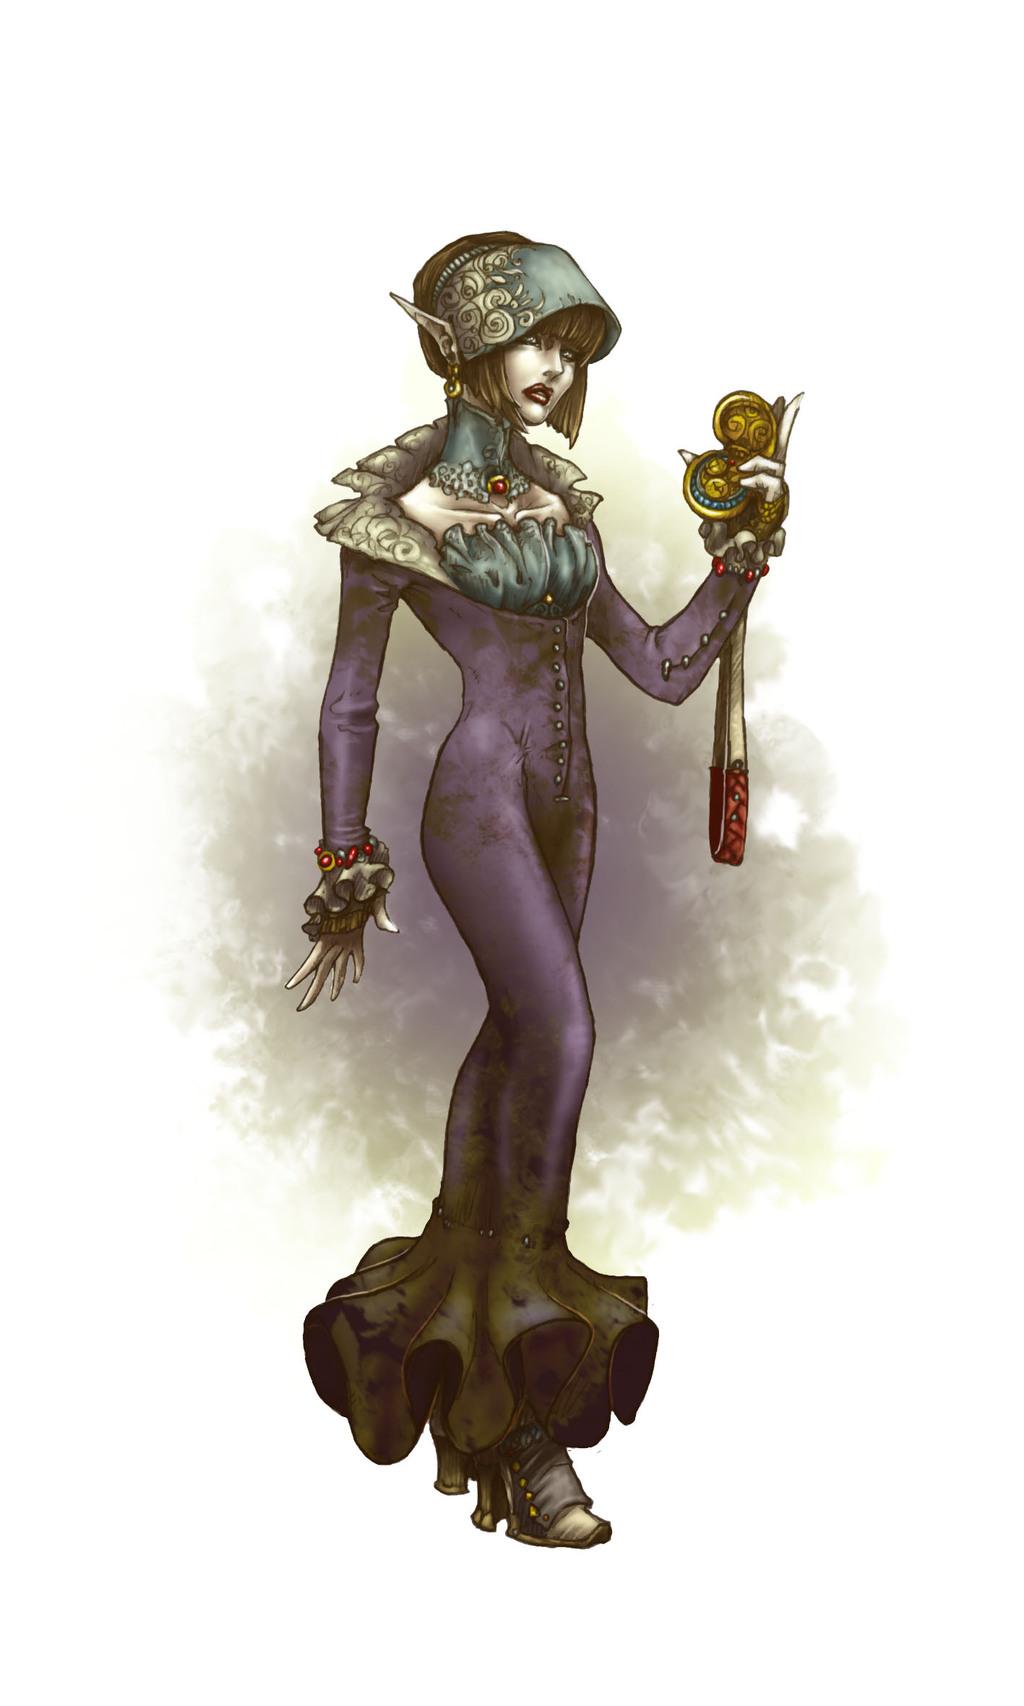 Tech elf in a purple dress